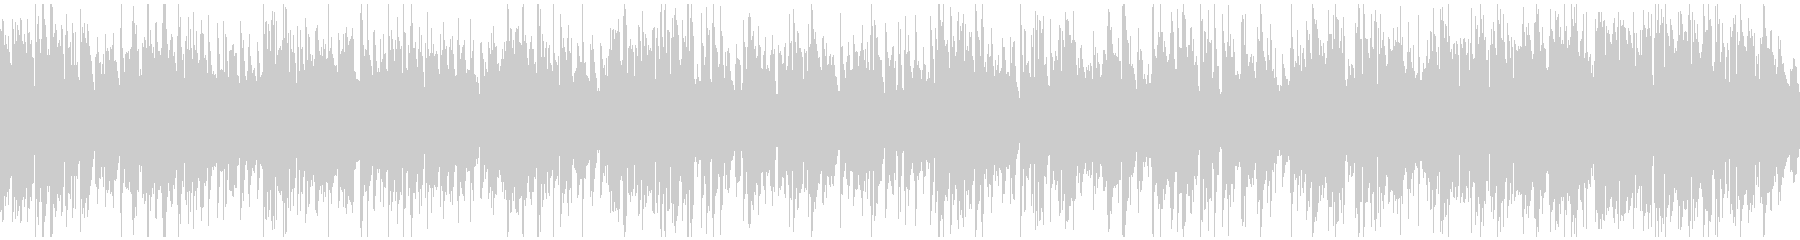 ショータイムっぽいジャズ ※ループ版の未再生の波形